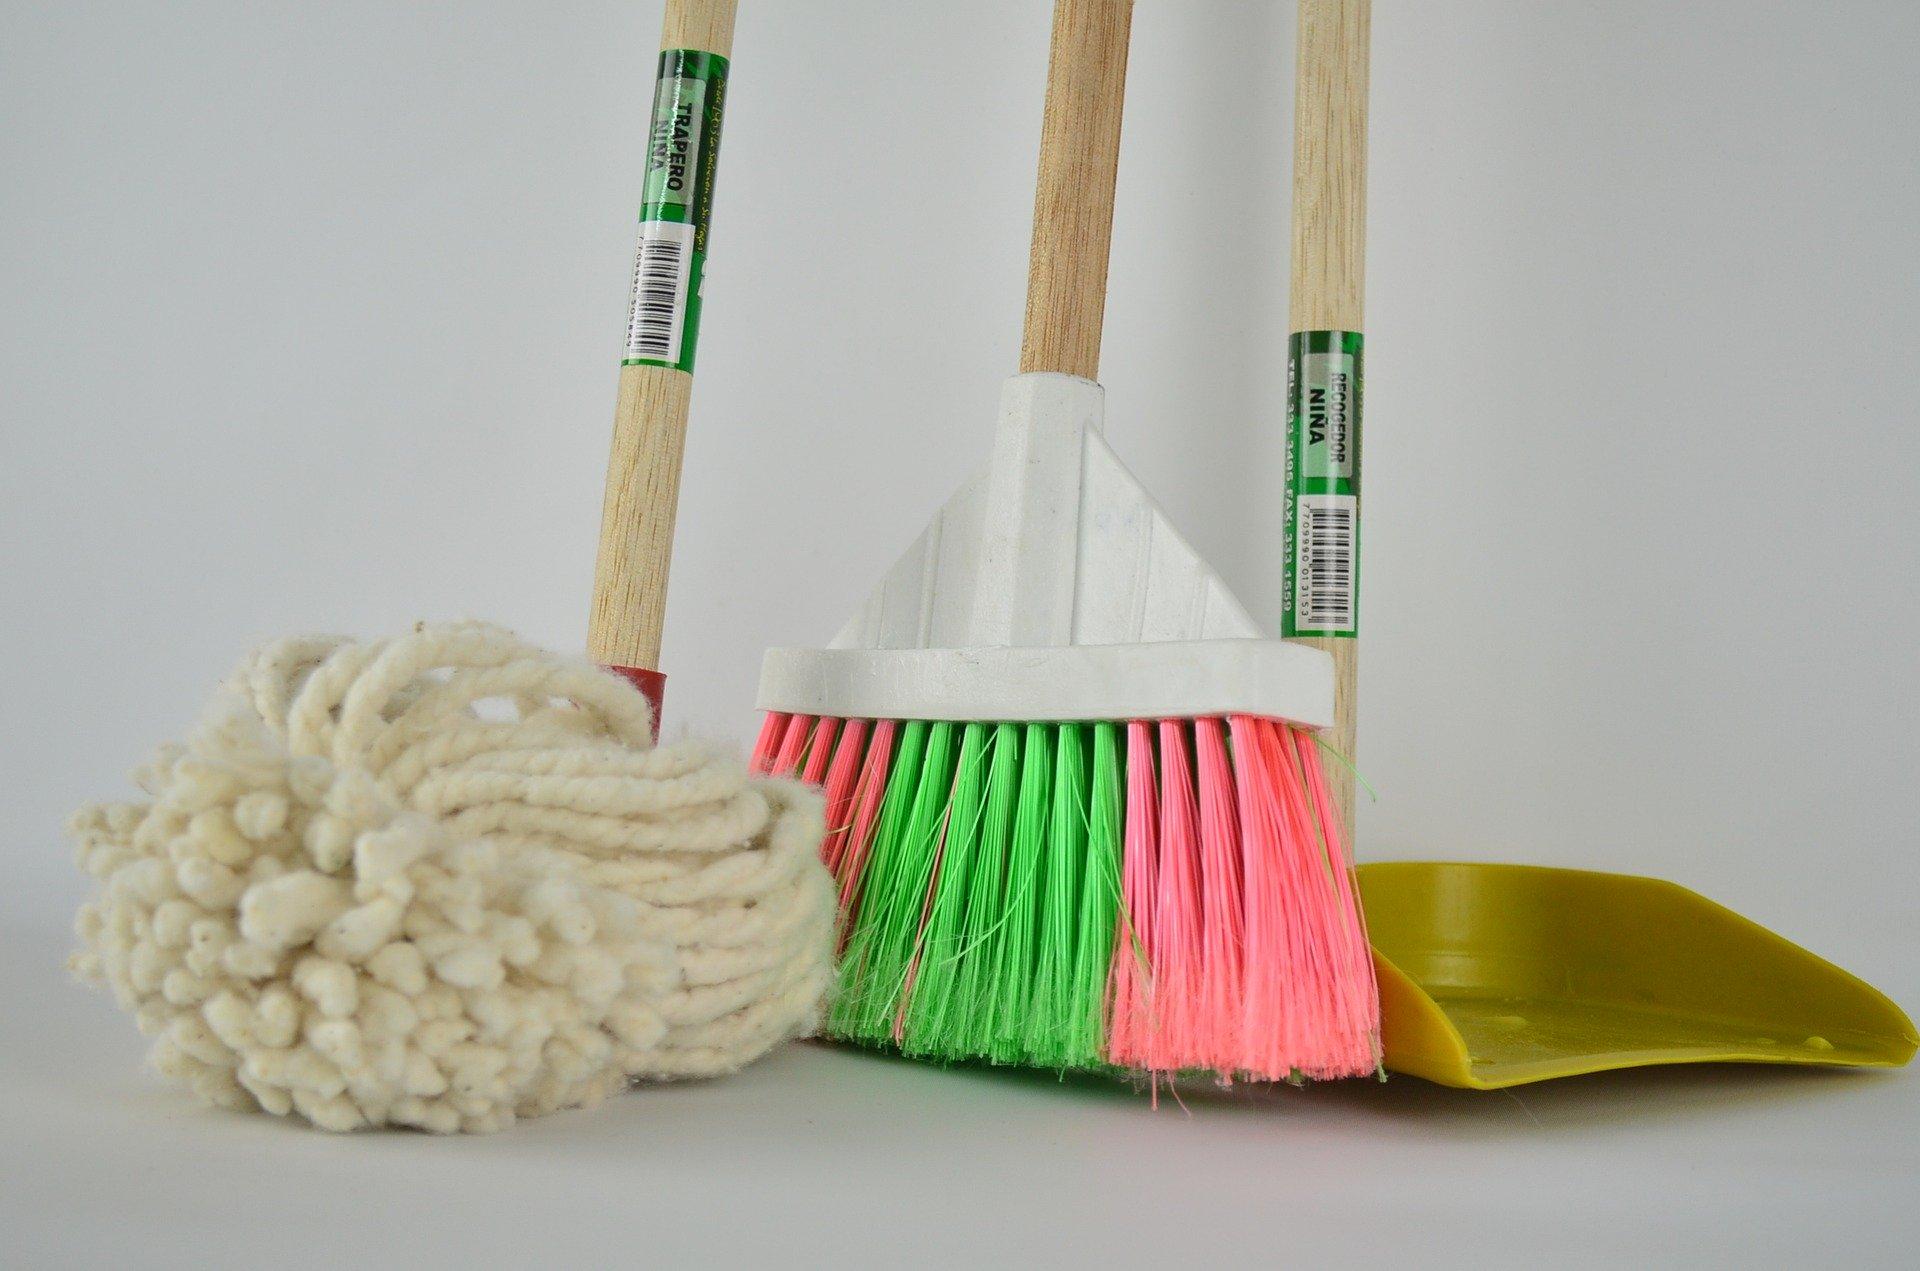 Estos son los errores que cometes cuando limpias y no lo sabes